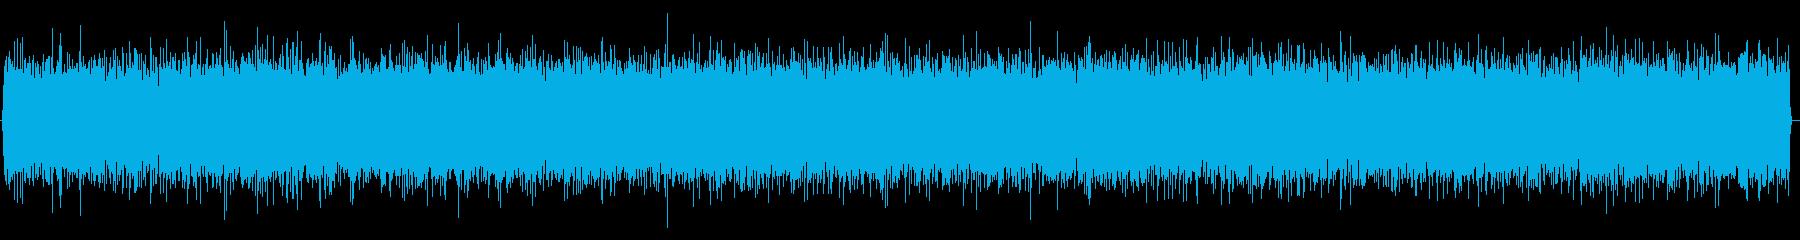 映写機01-4の再生済みの波形